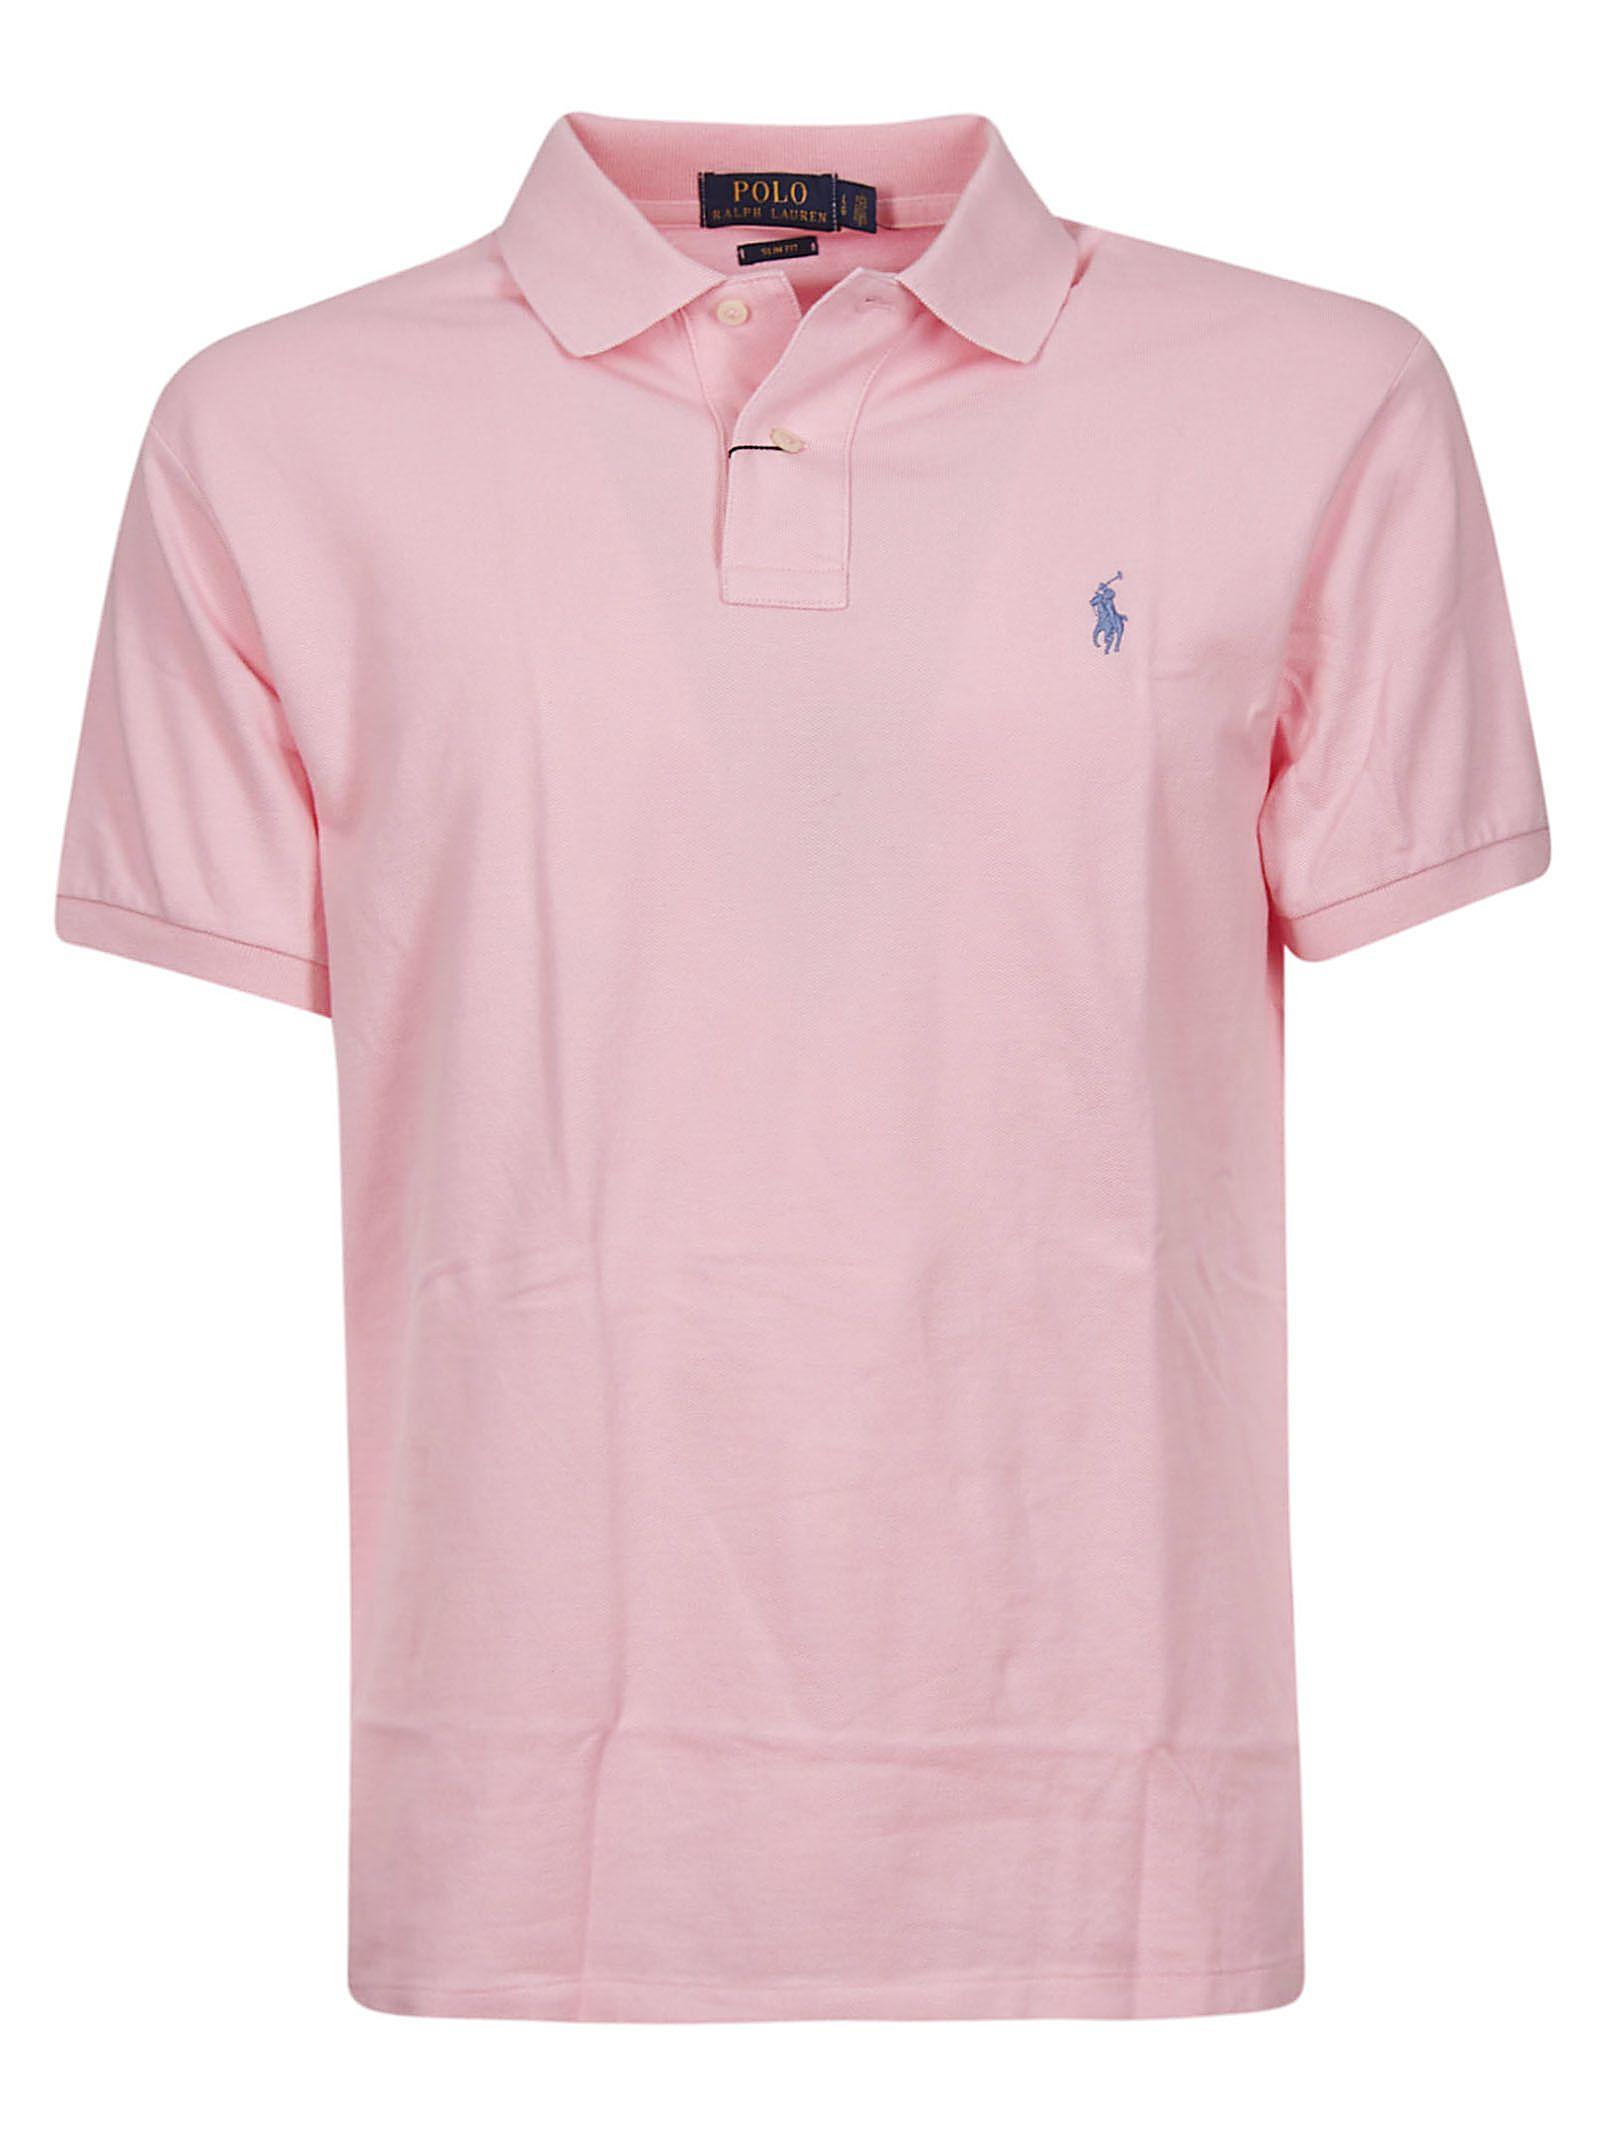 b9a36a4d Ralph Lauren Ralph Lauren Logo Polo Shirt - Pink - 10818950 | italist